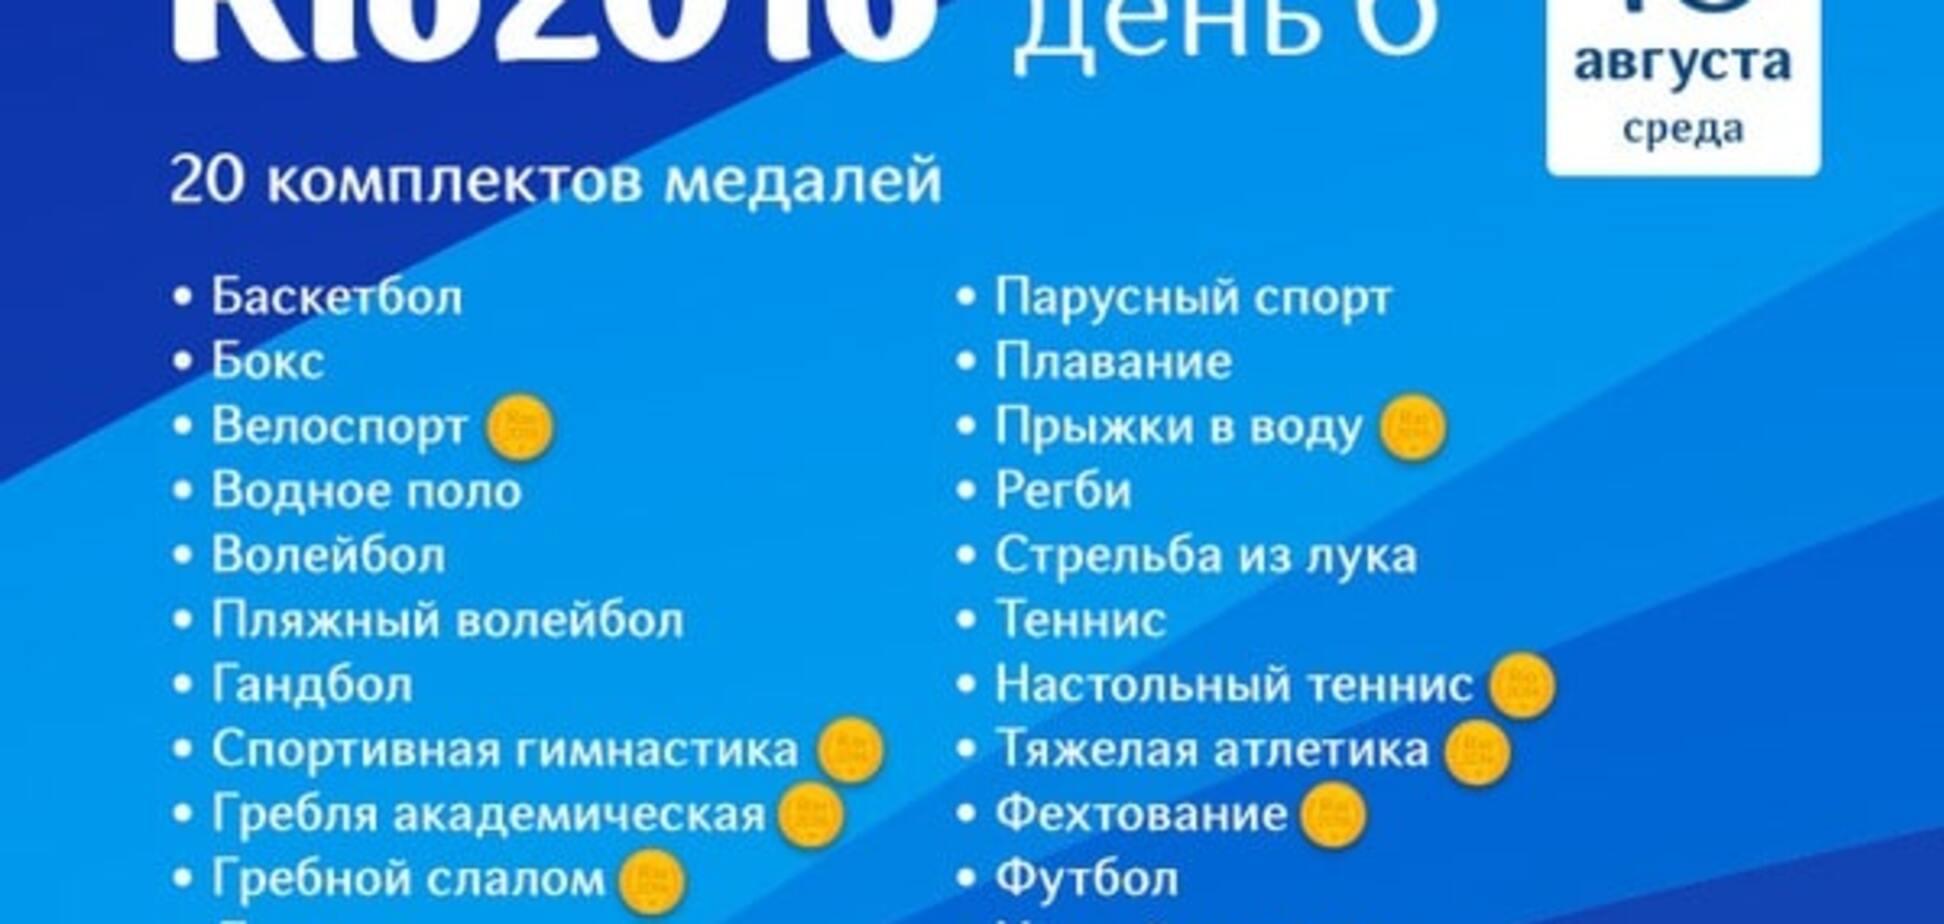 Олимпиада-2016. Расписание 10 августа